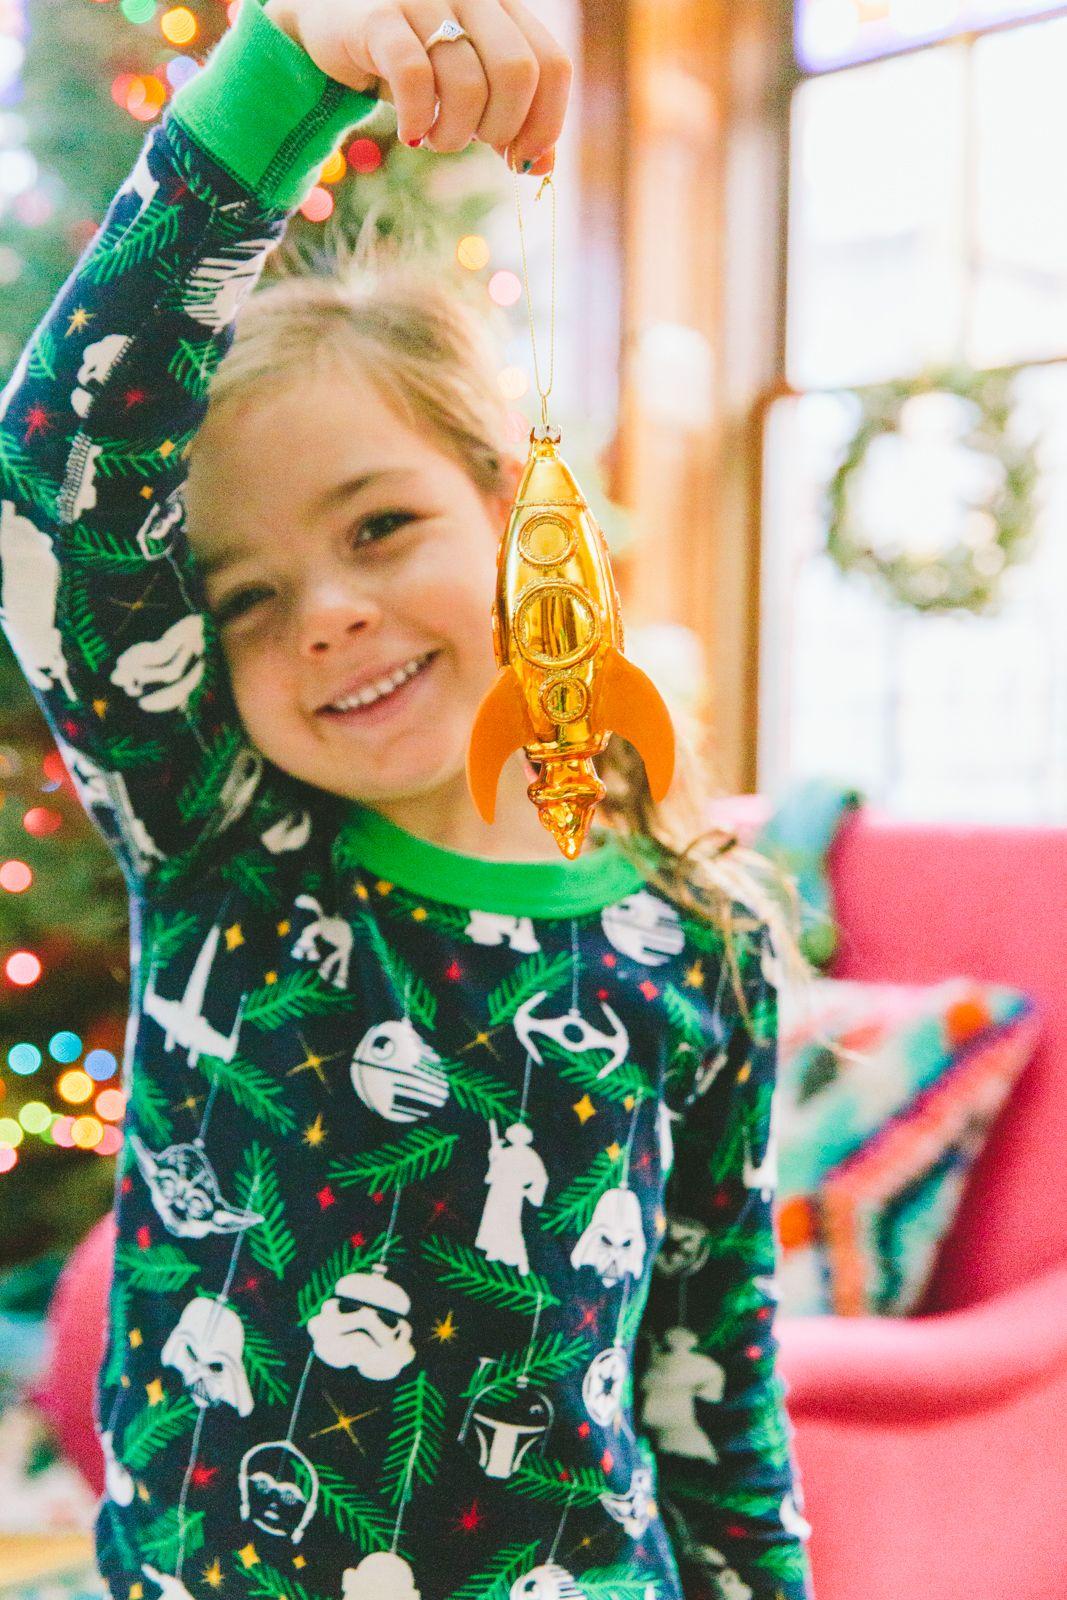 Pin von m.i. auf Christmas DIY | Pinterest | Weihnachtsbäume